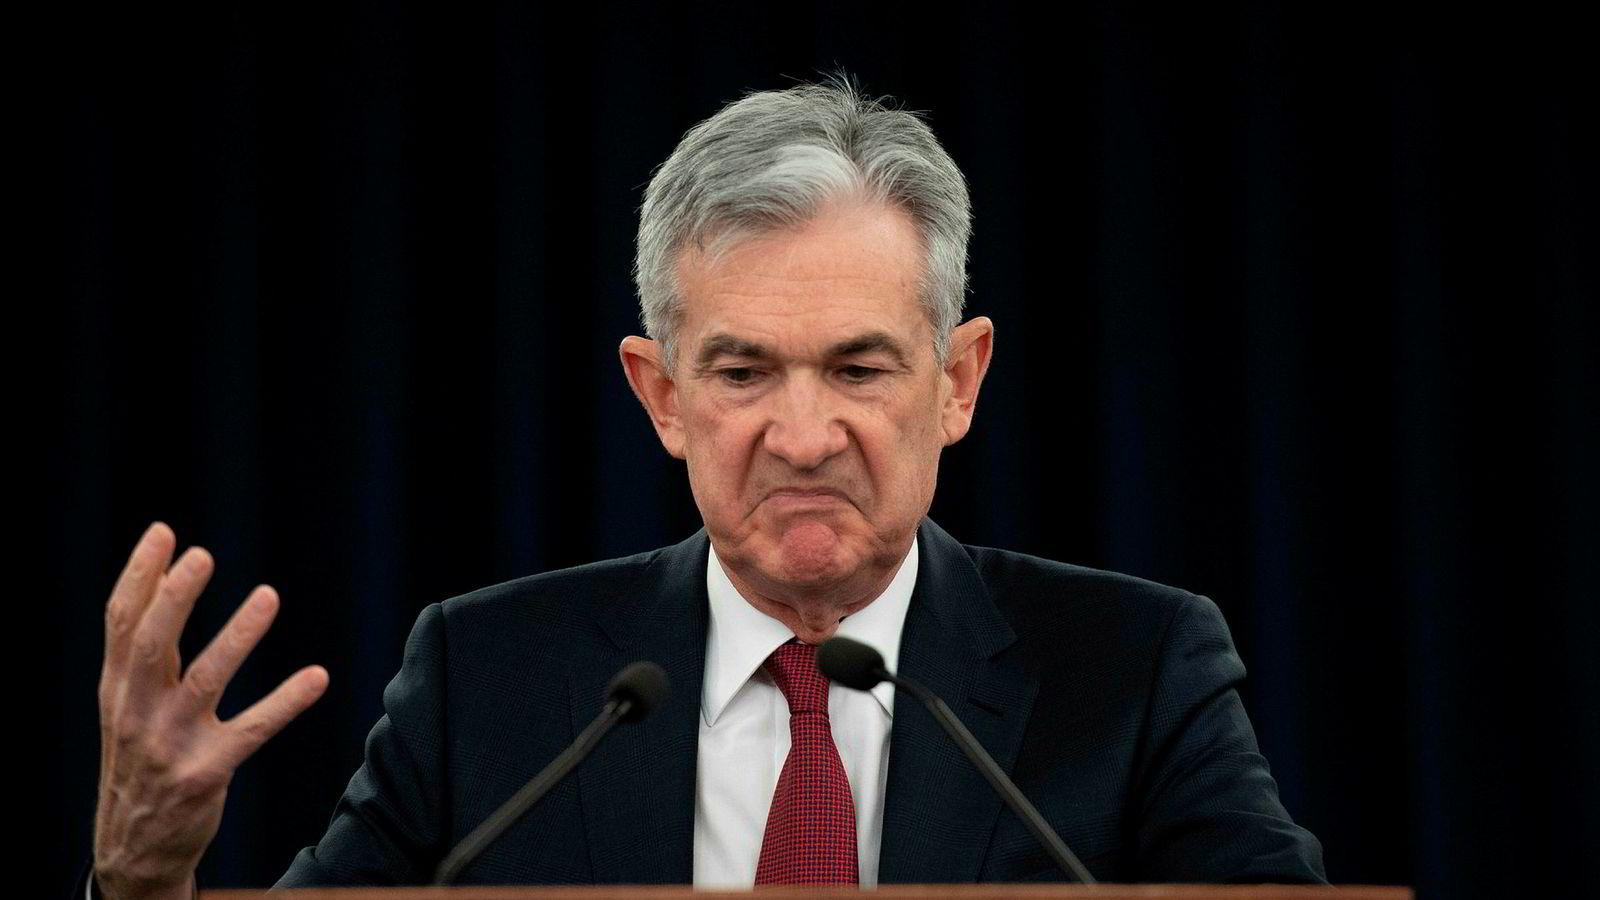 USAs sentralbank Jerome Powell har i 2018 hevet renten like mange ganger som han viser med fingrene.